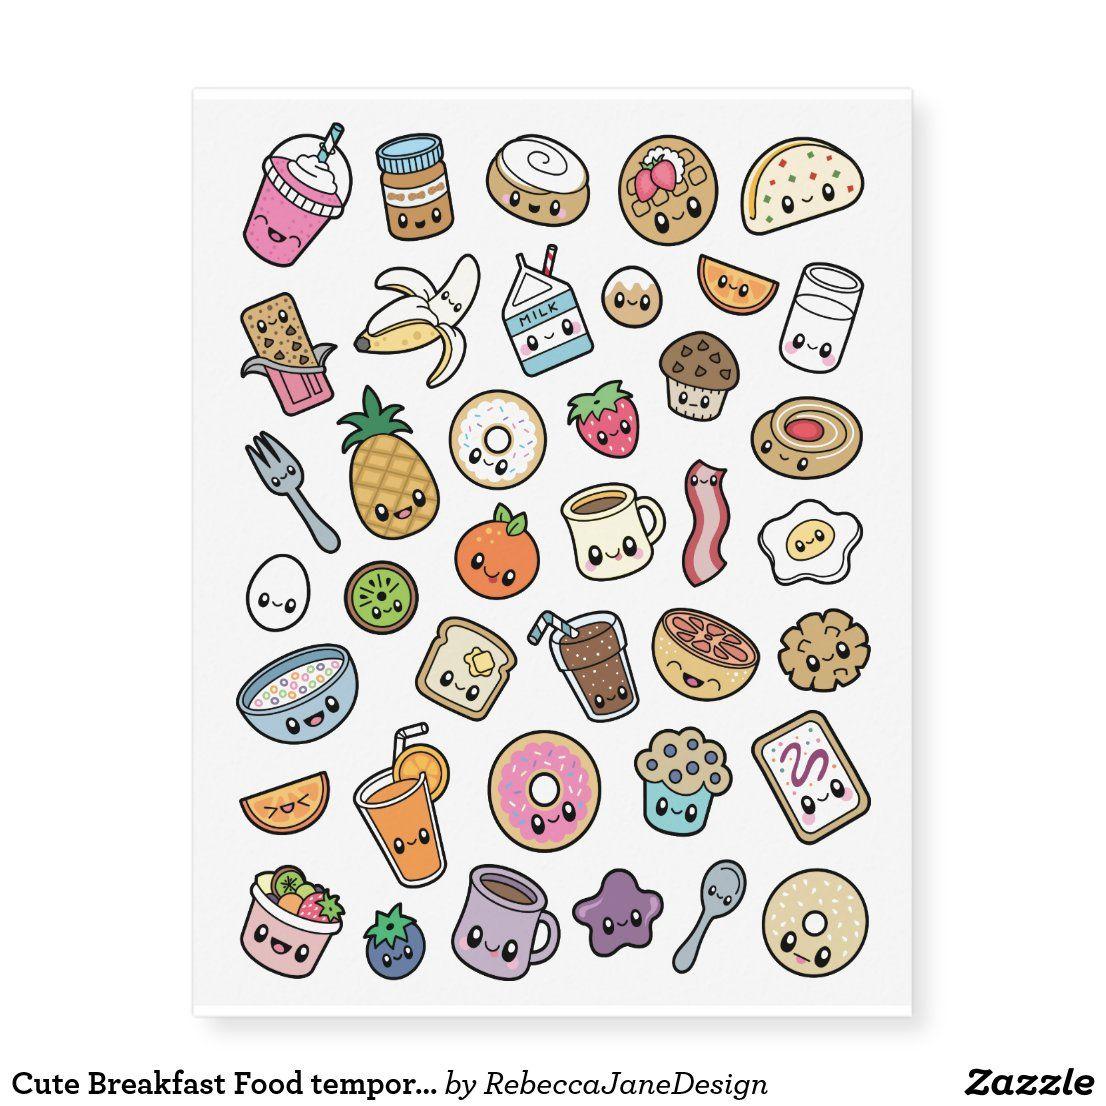 Cute Breakfast Food Temporary Tattoos Zazzle Com In 2020 Cute Food Drawings Cute Food Wallpaper Cute Animal Drawings Kawaii